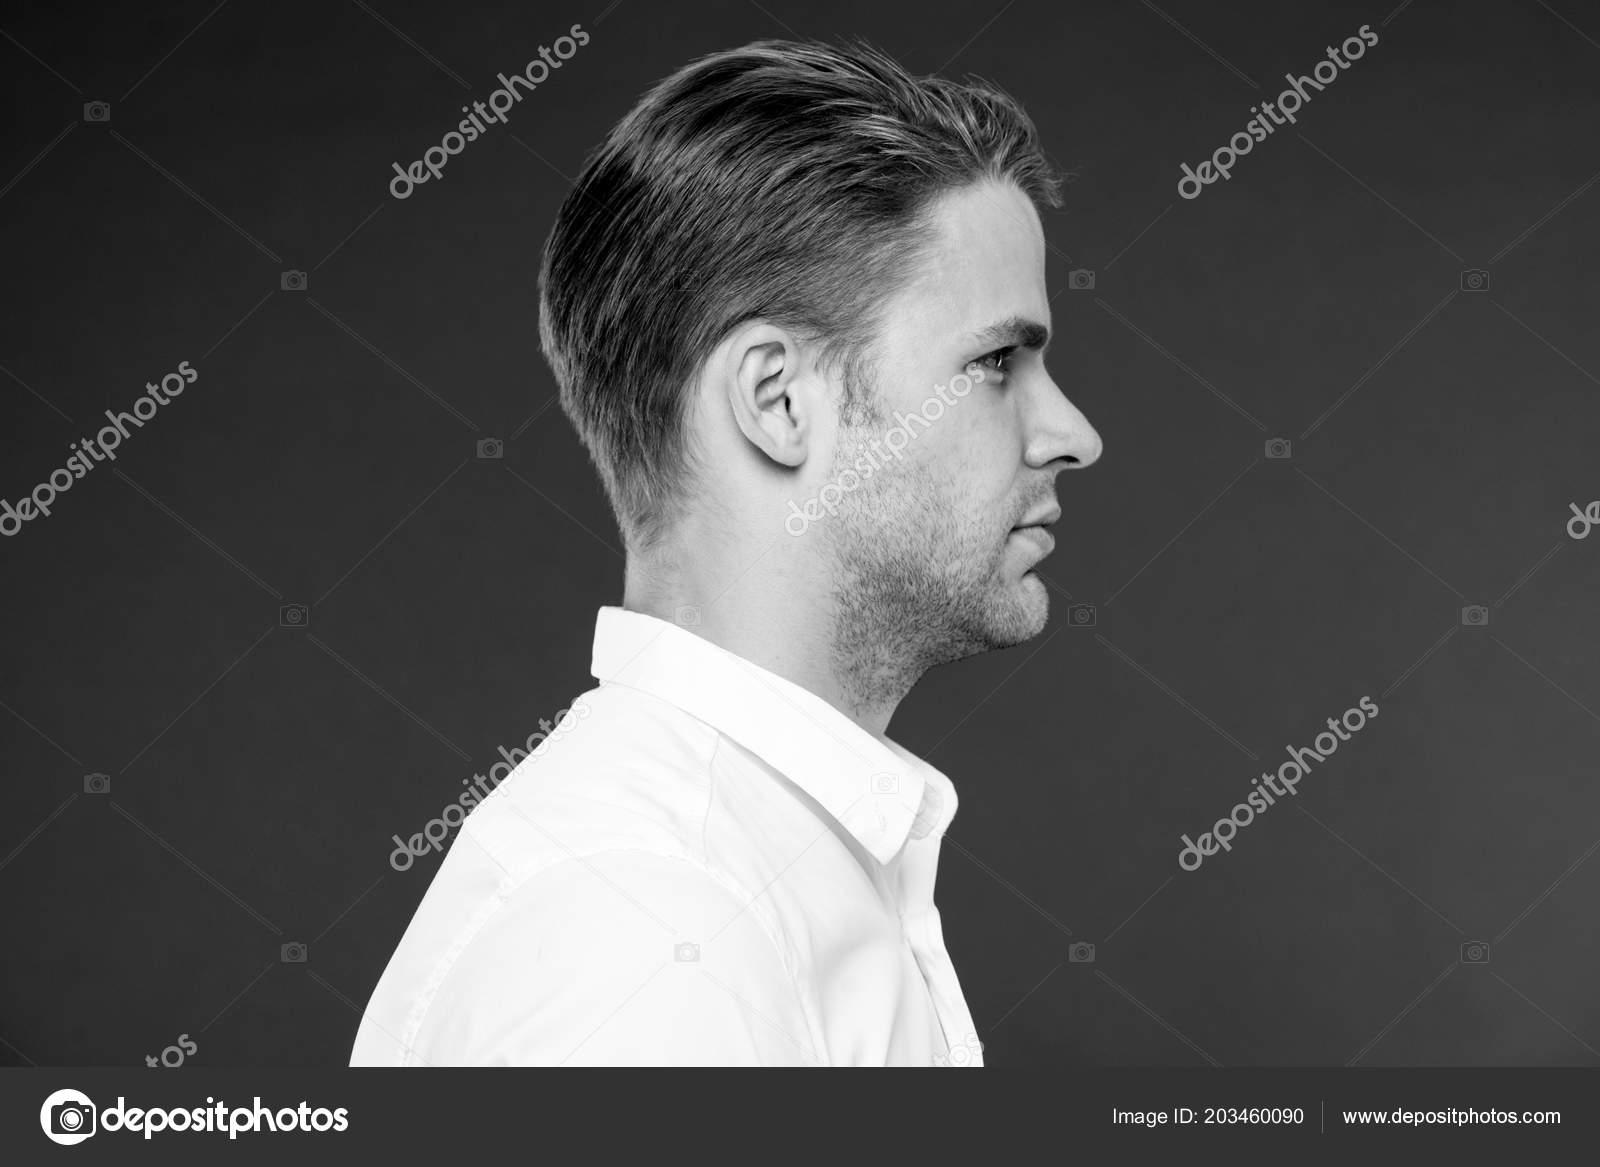 Perfekte Frisur Mann Gepflegt Mit Frischen Stylischen Haarschnitt